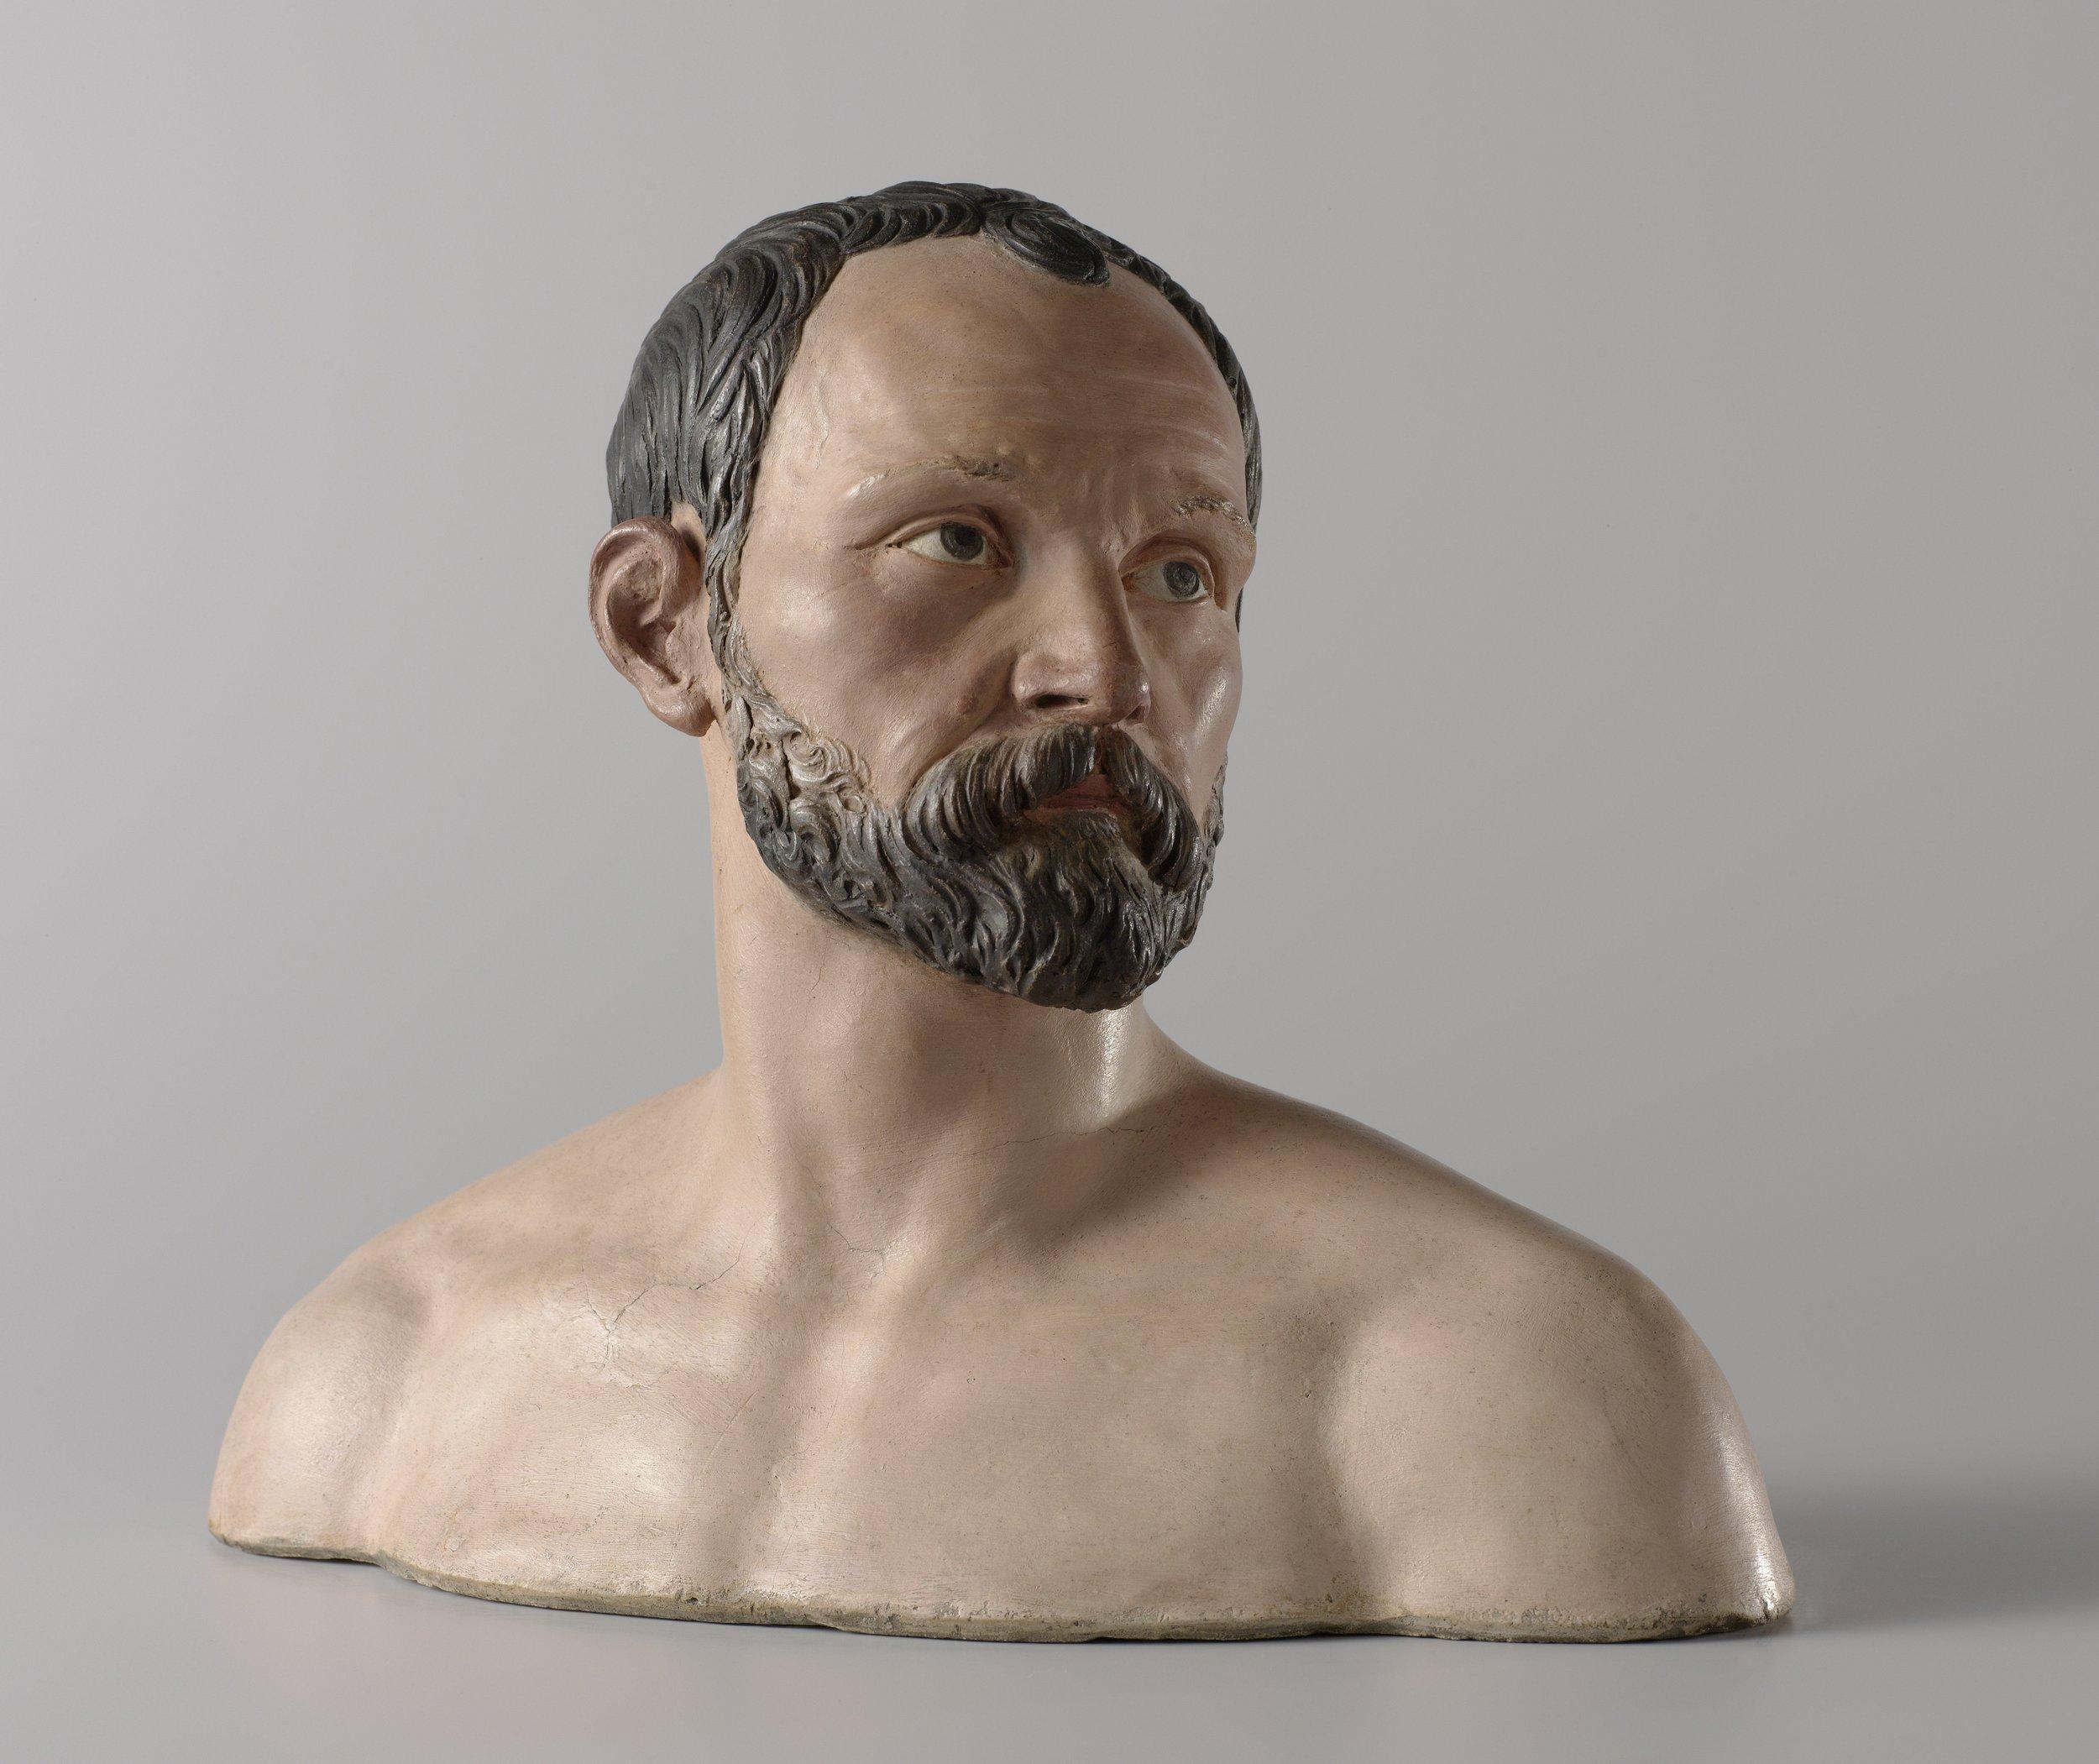 Self-portrait, Johan Gregor van der Schardt, 1573.